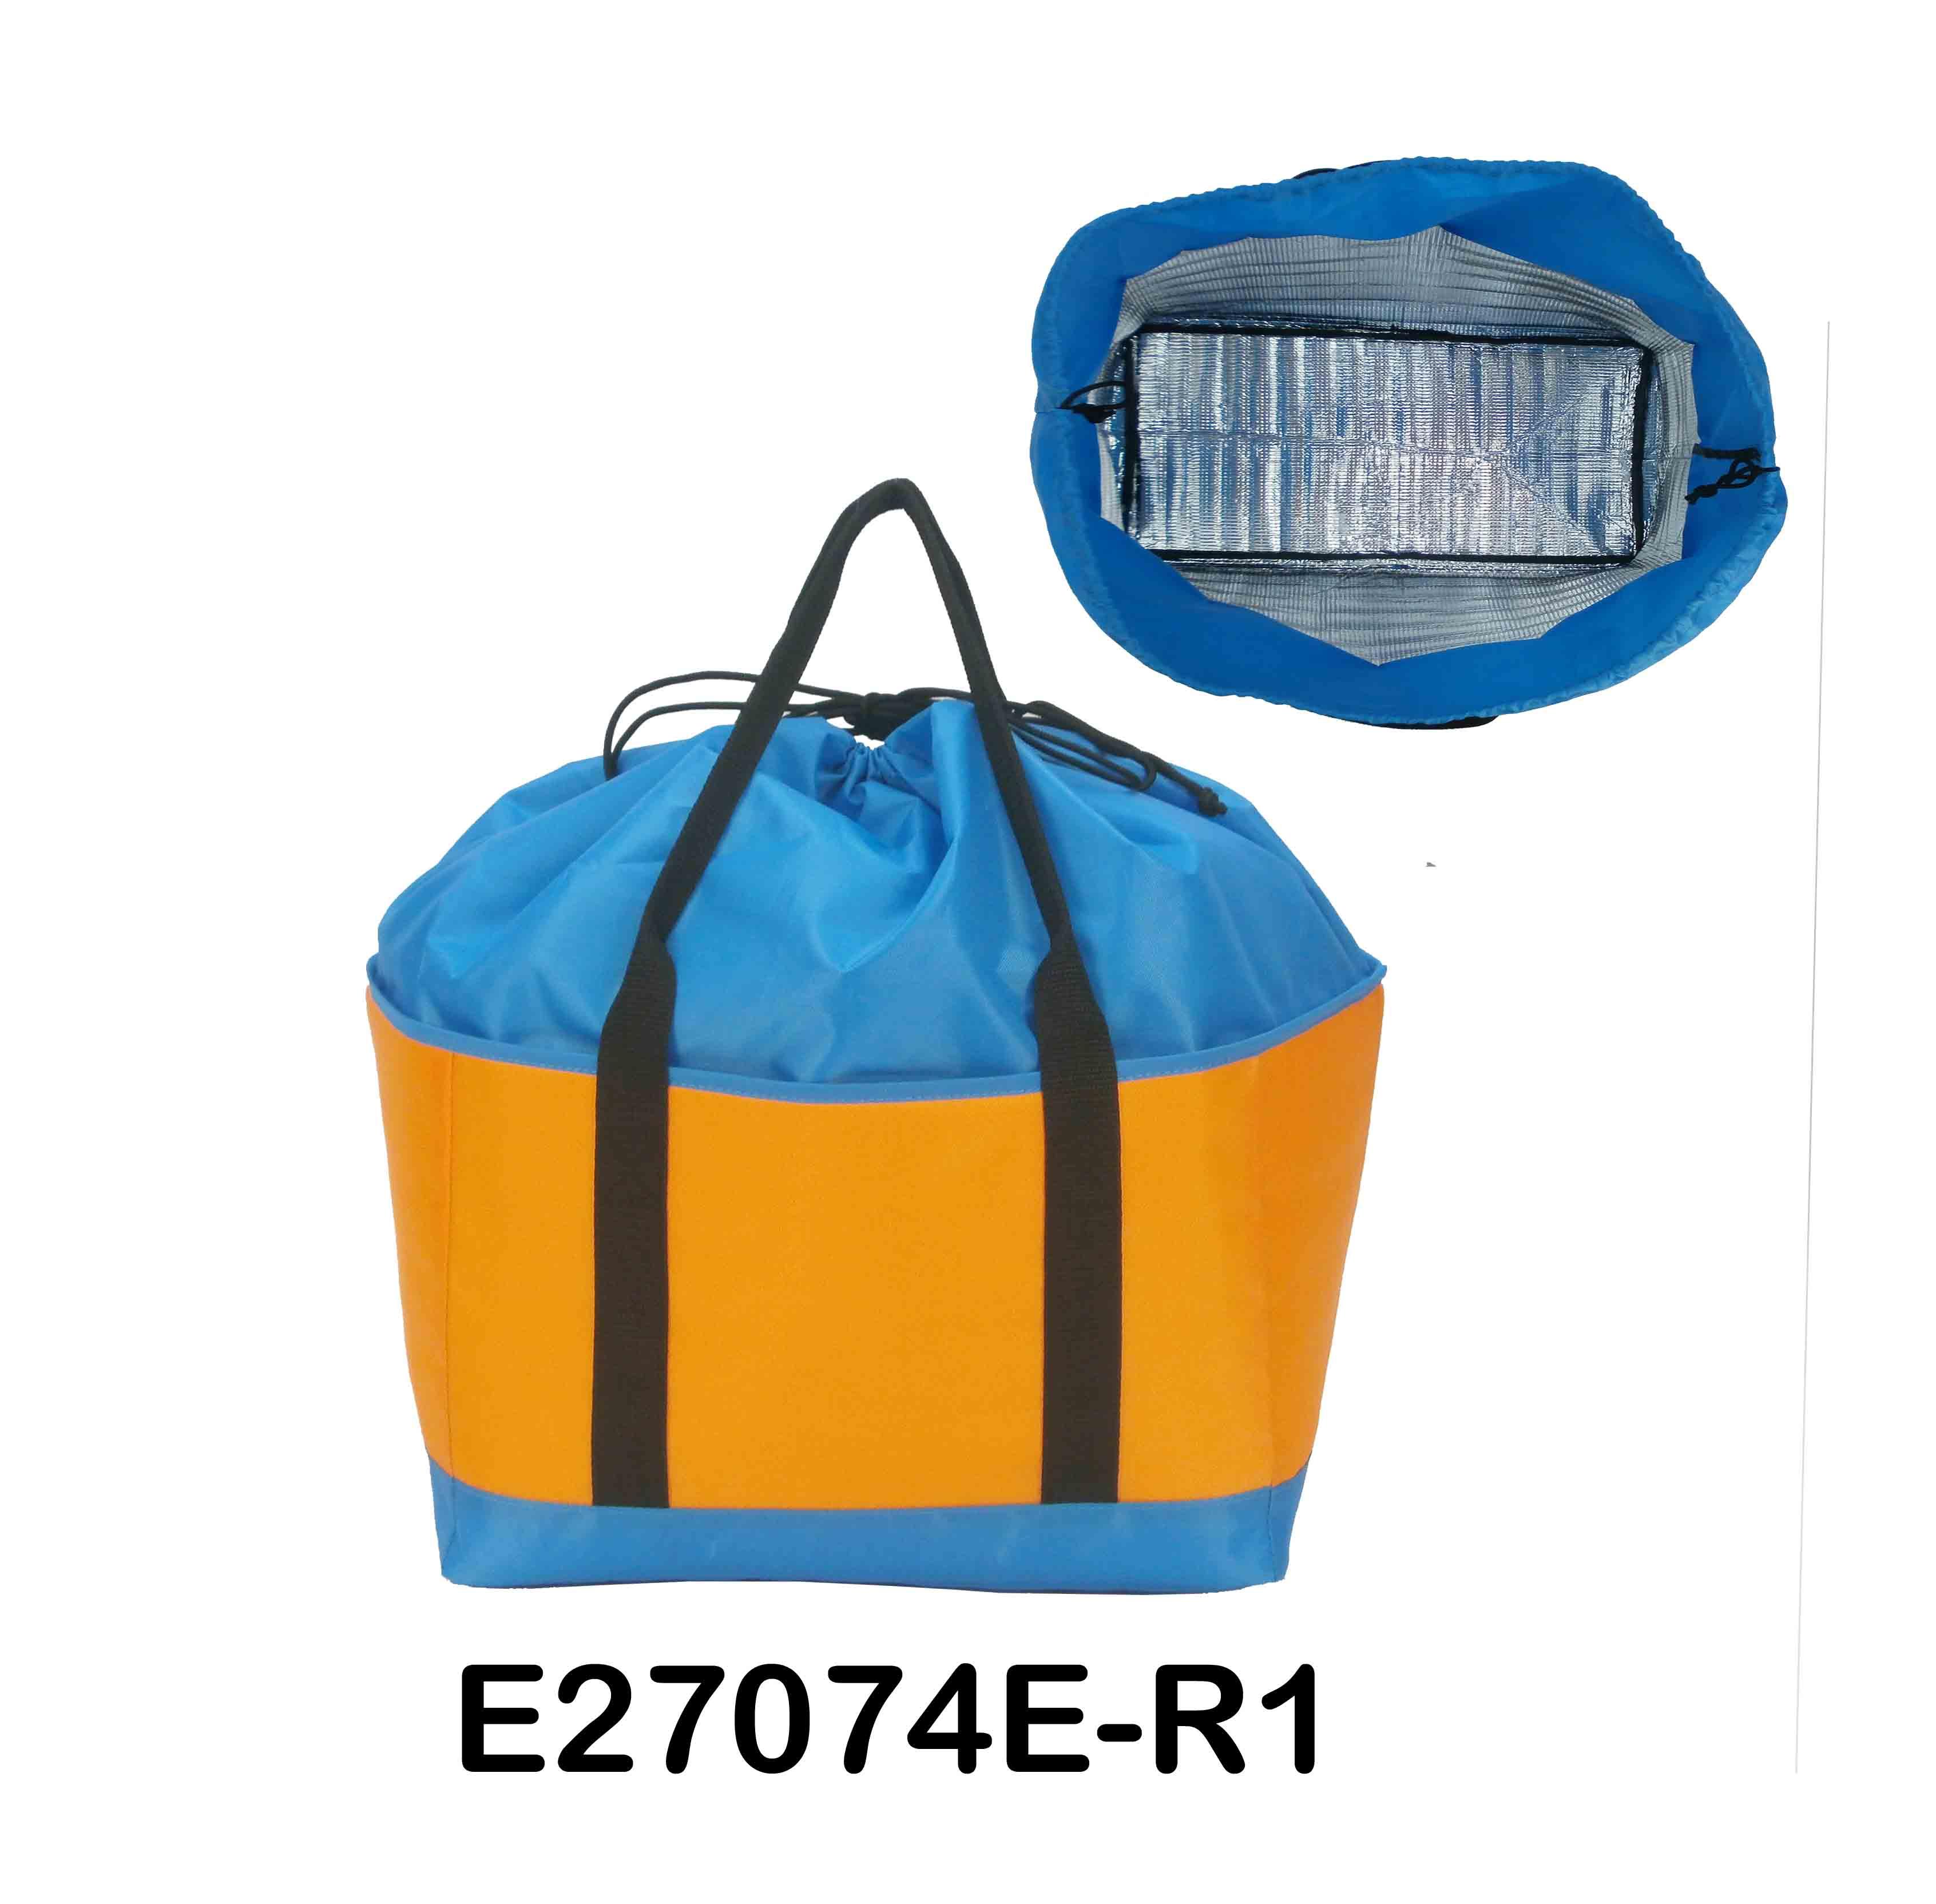 E27074E-R1 whole